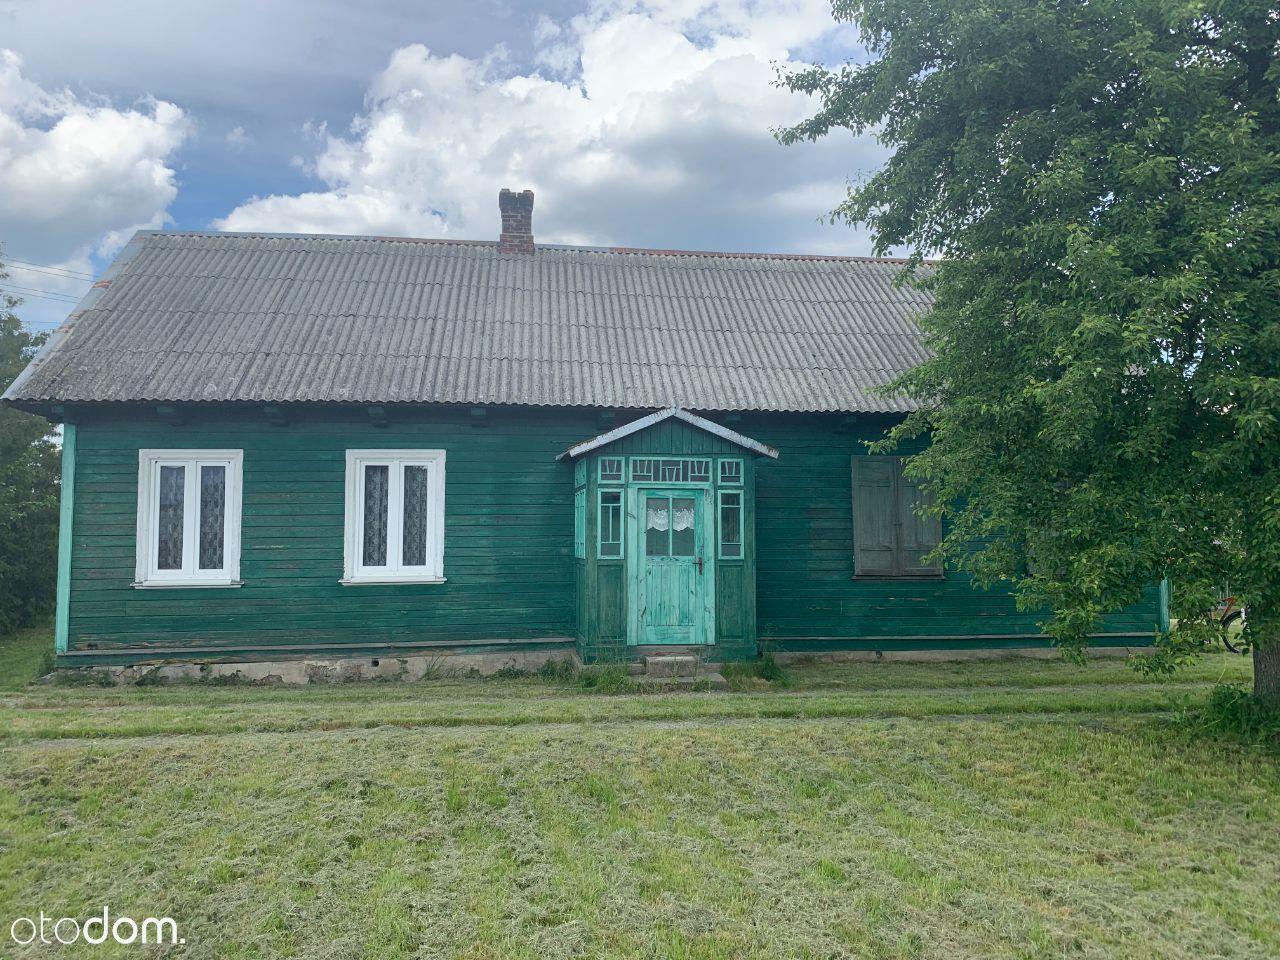 Dom blisko Puszczy Białowieskiej